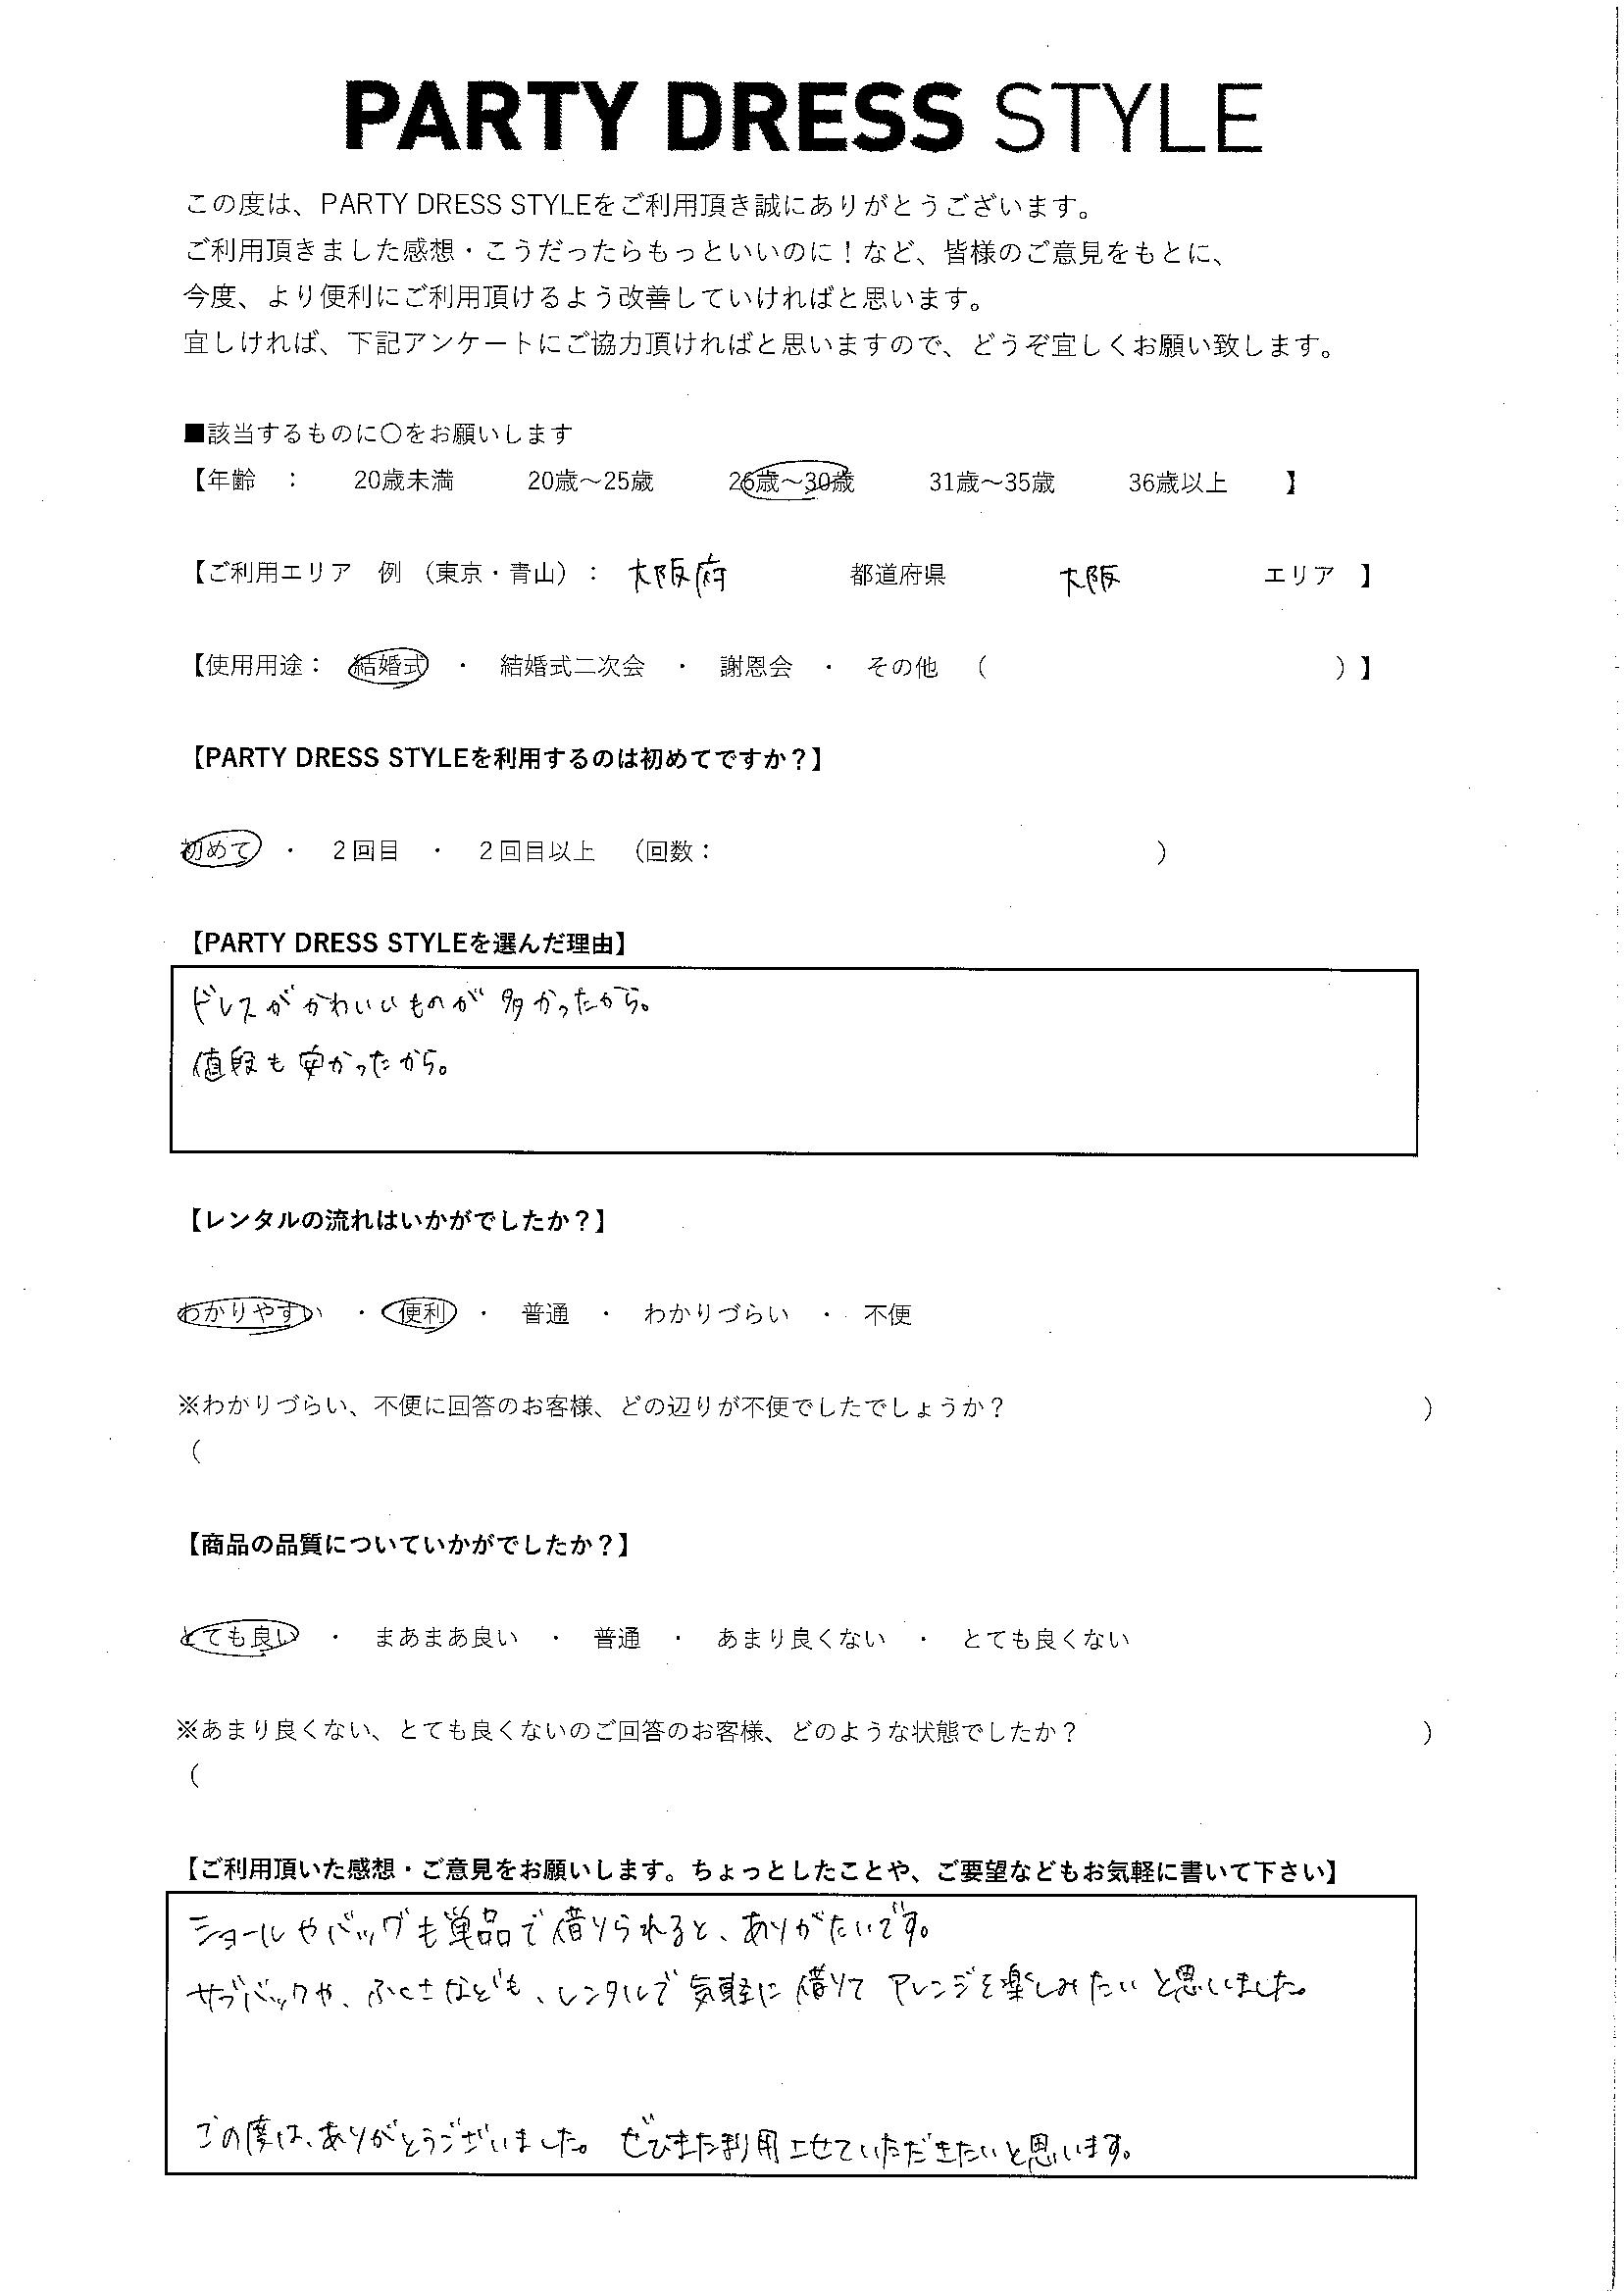 2/3 結婚式 大阪府・大阪エリア